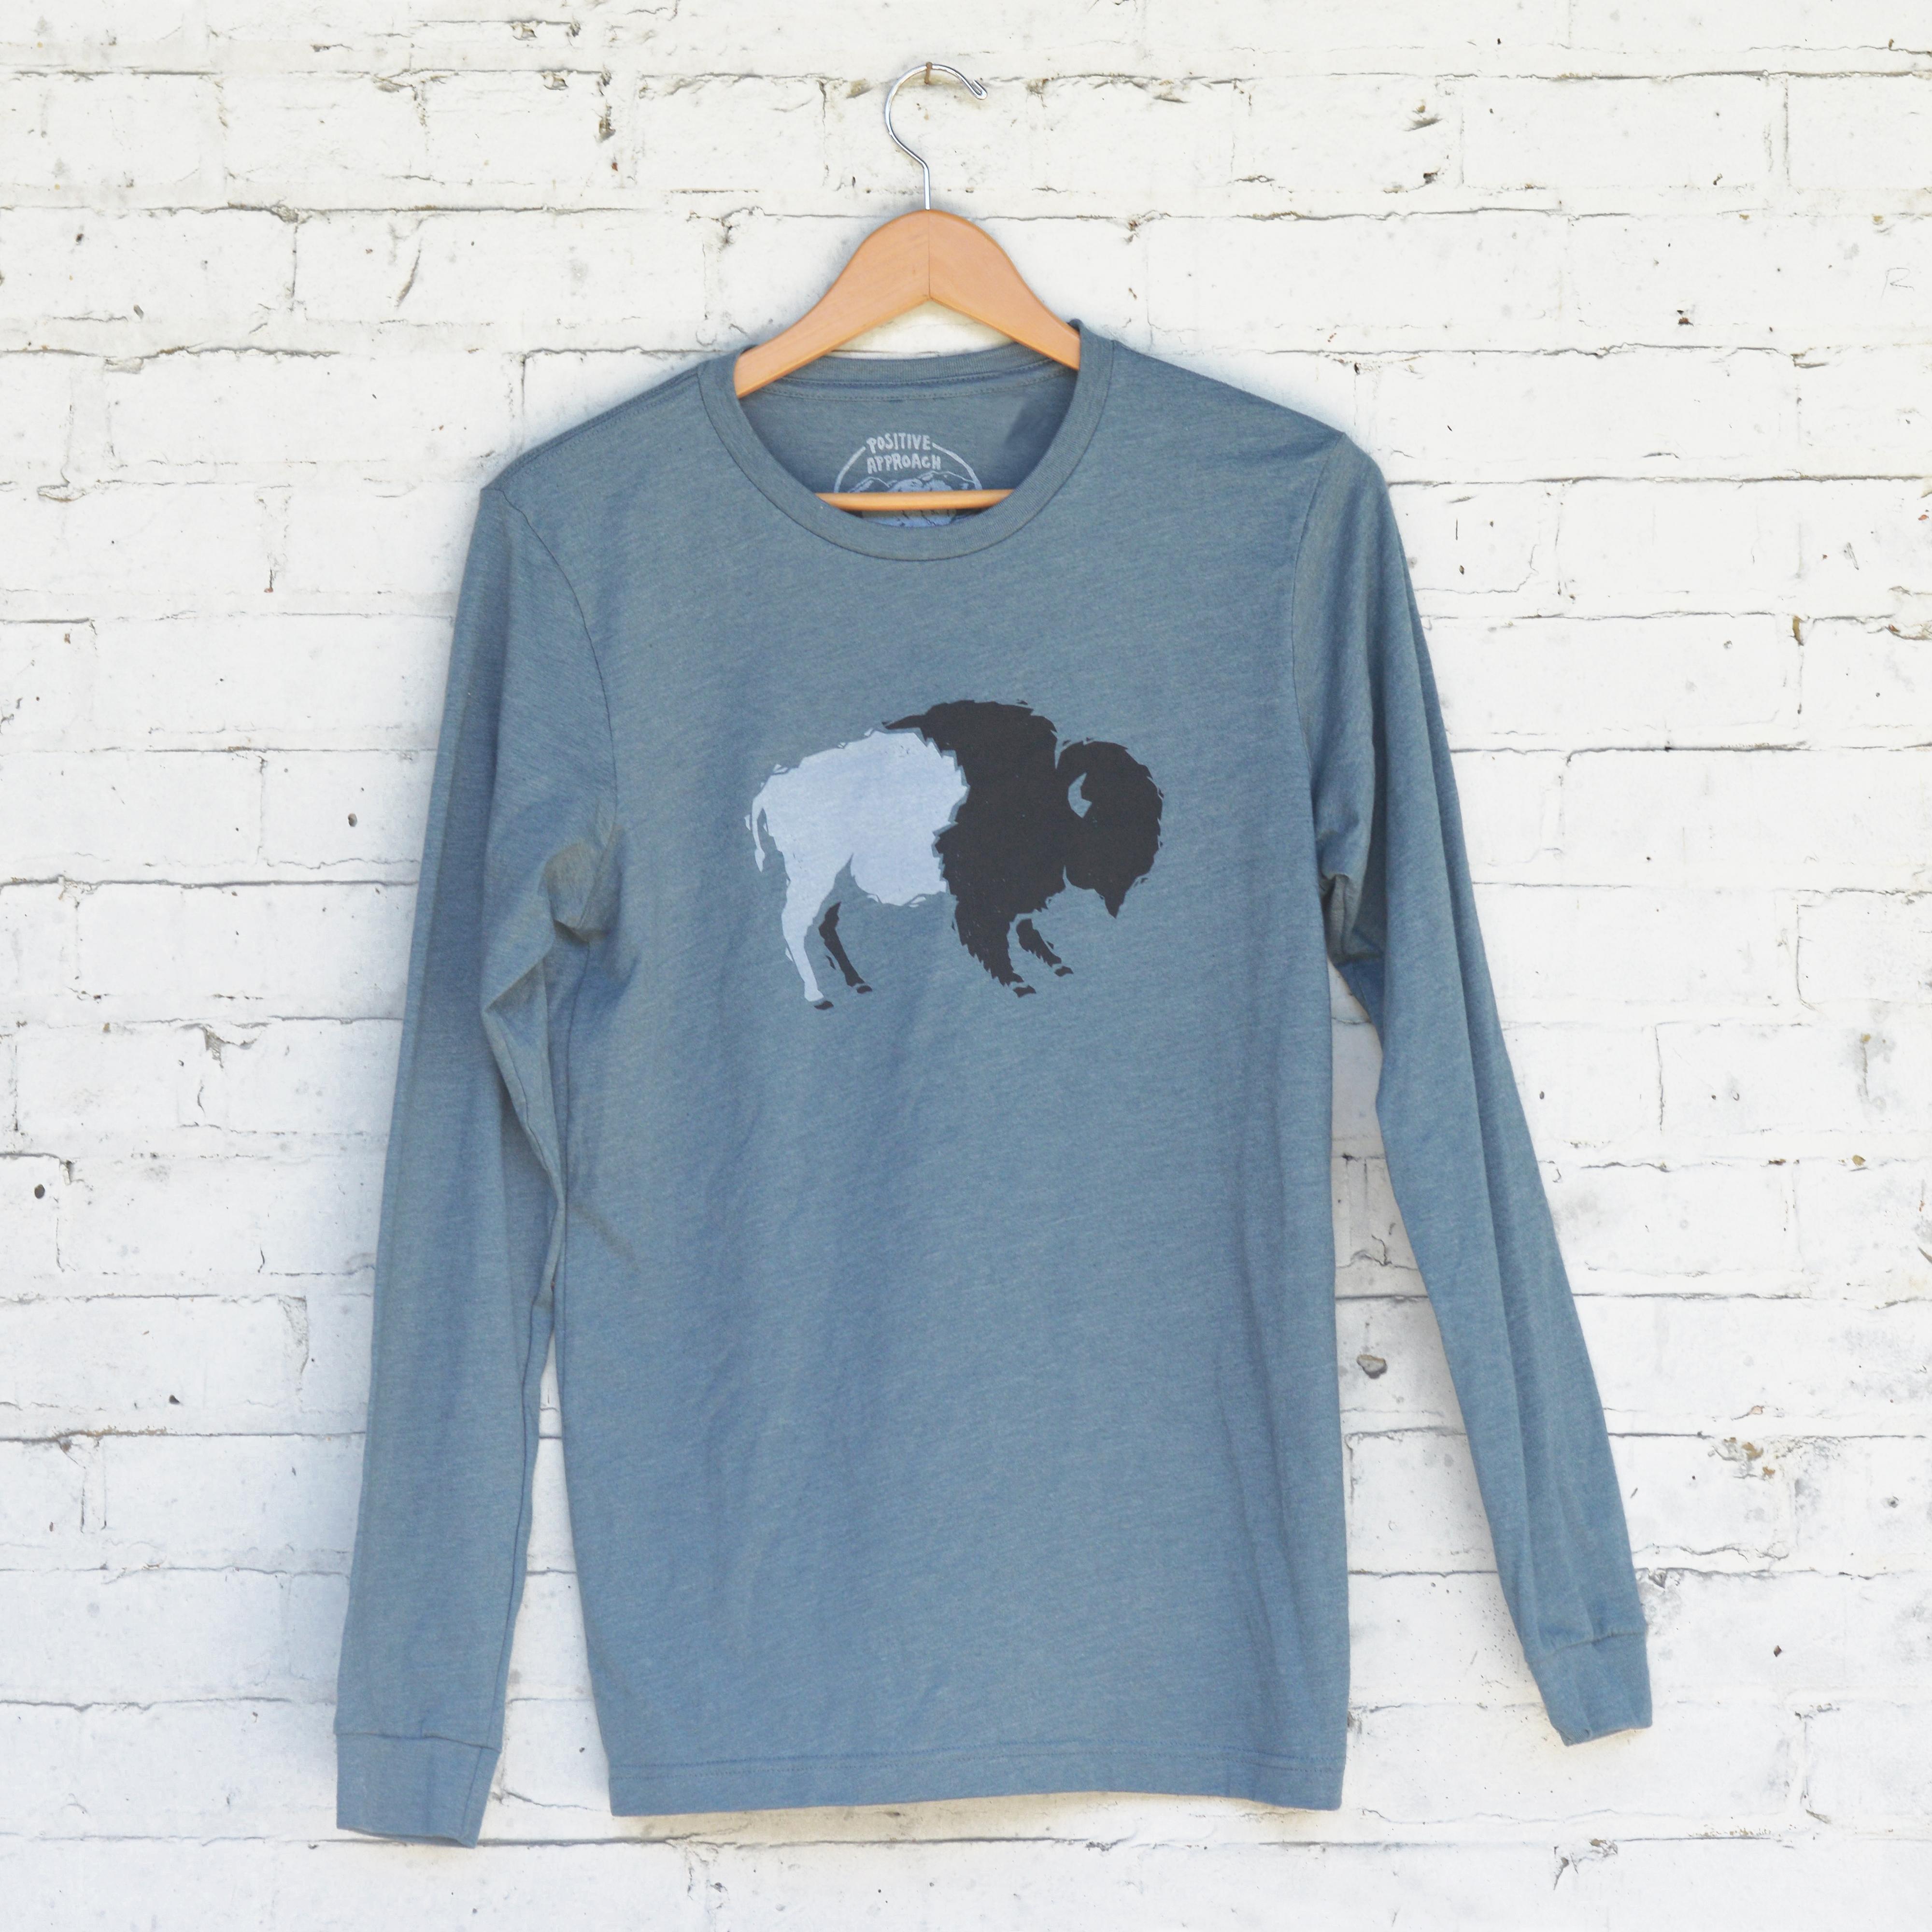 Buffalo Shirt Made in Buffalo